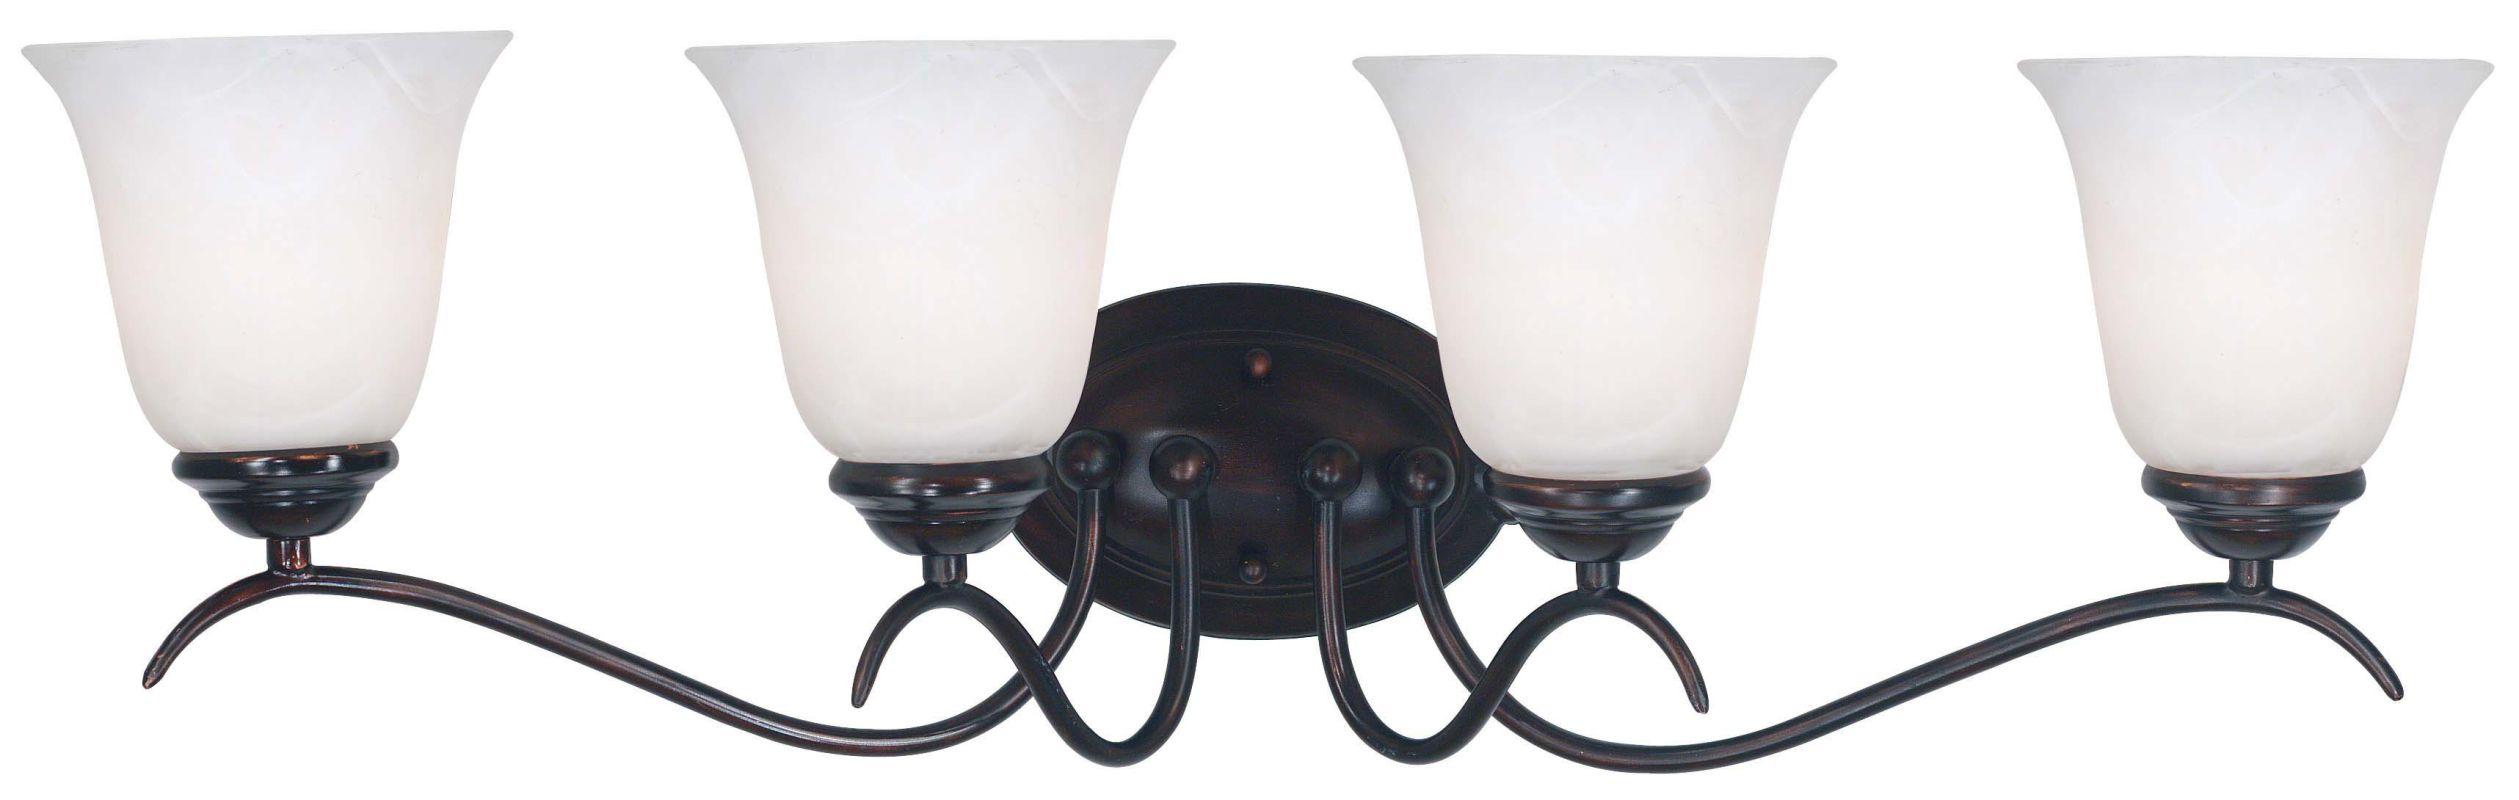 Kenroy Home 90214 Medusa 4 Light Reversible Vanity Light Oil Rubbed